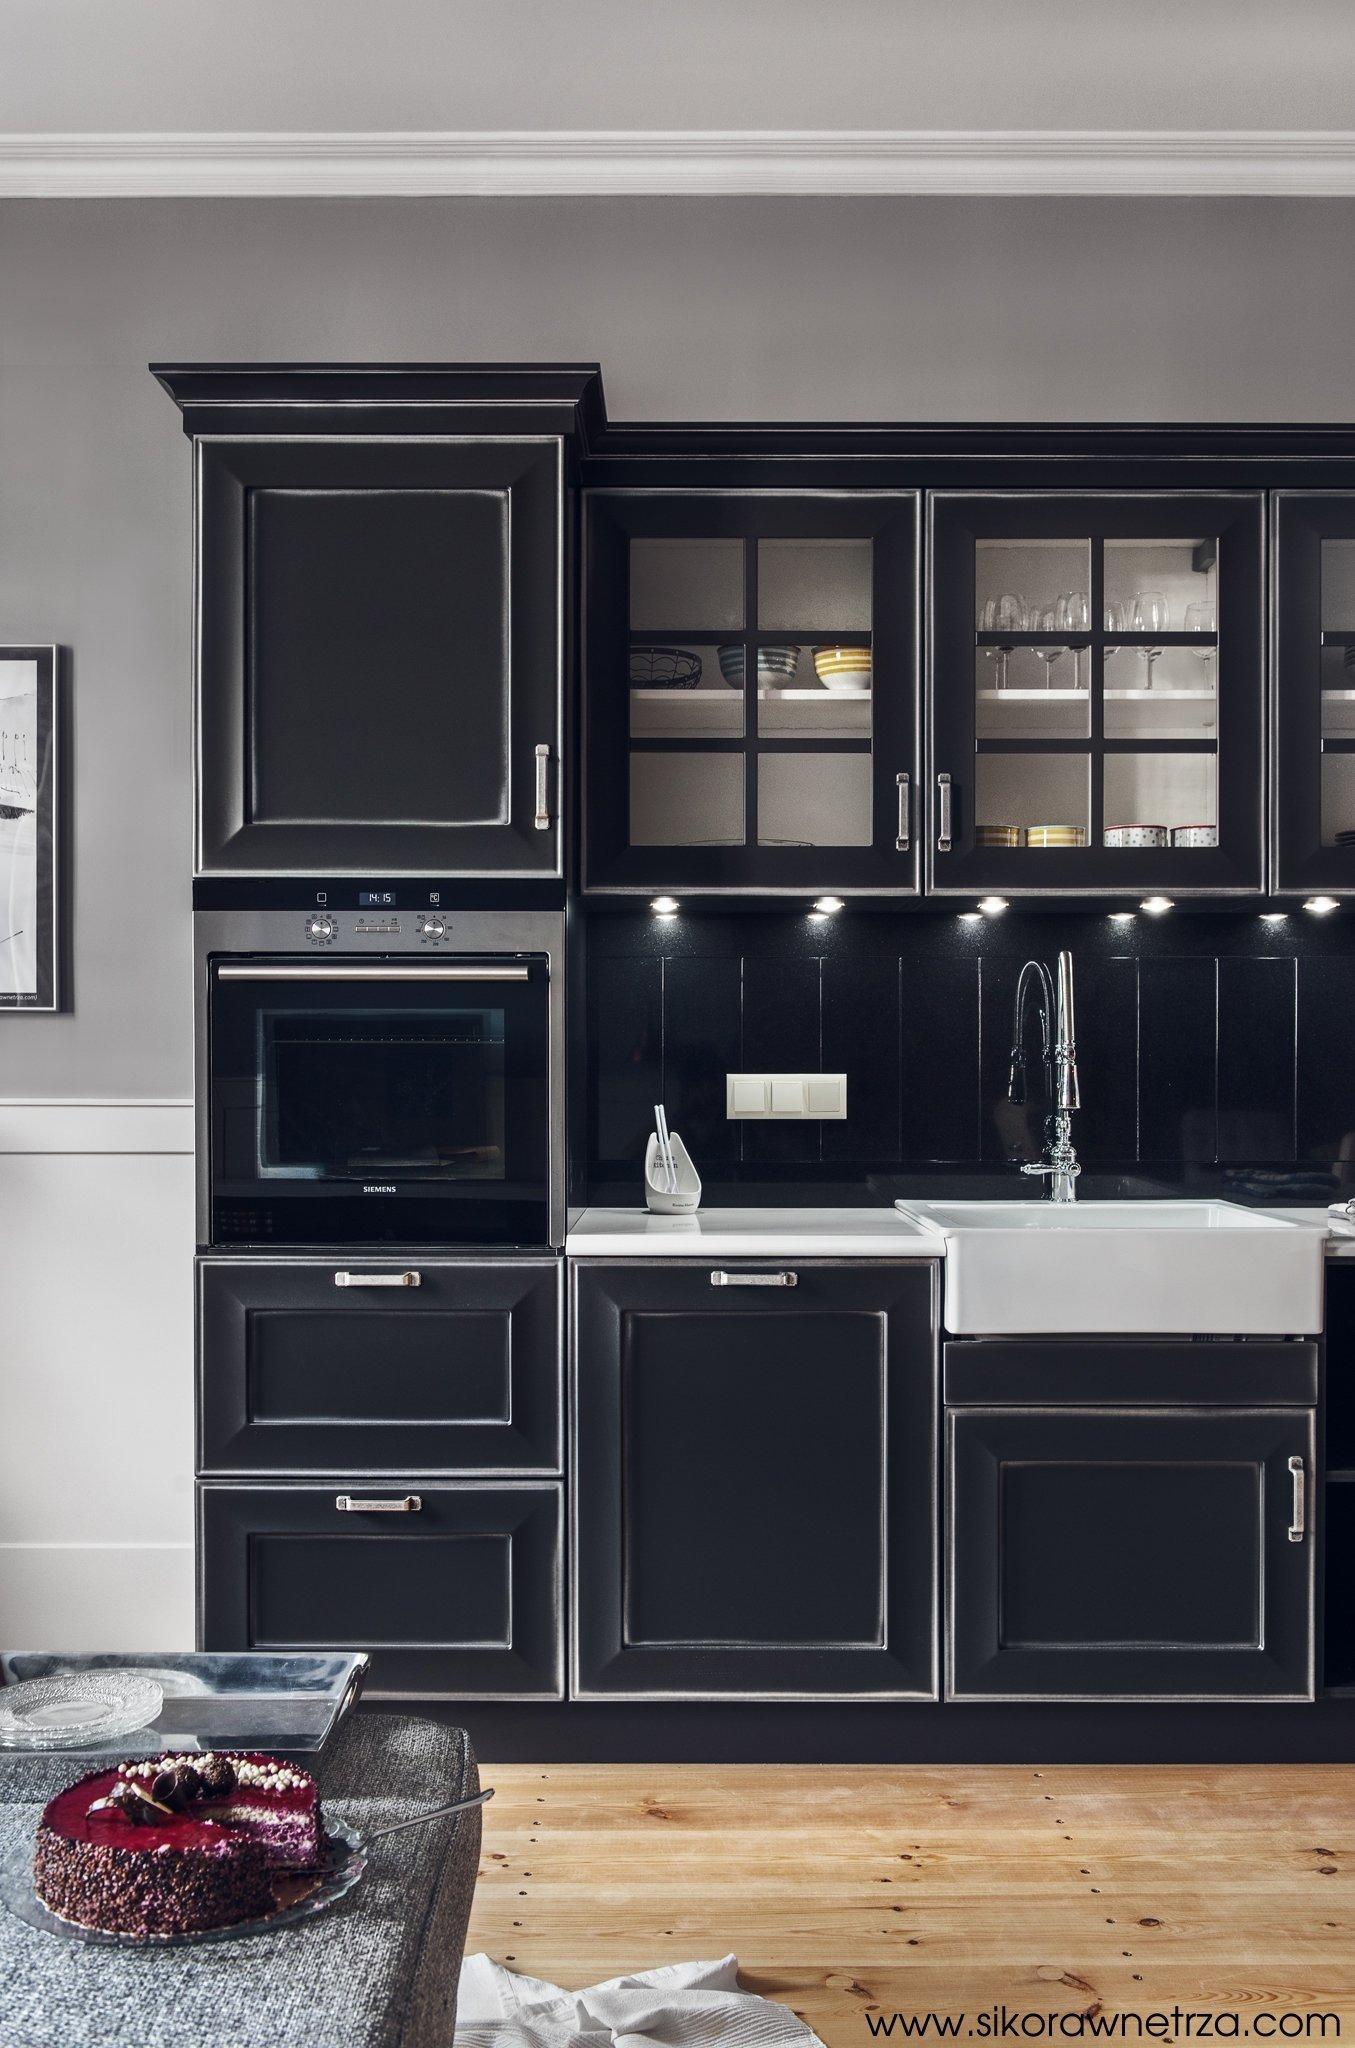 Nový trend v designu interiéru - Eklektický styl